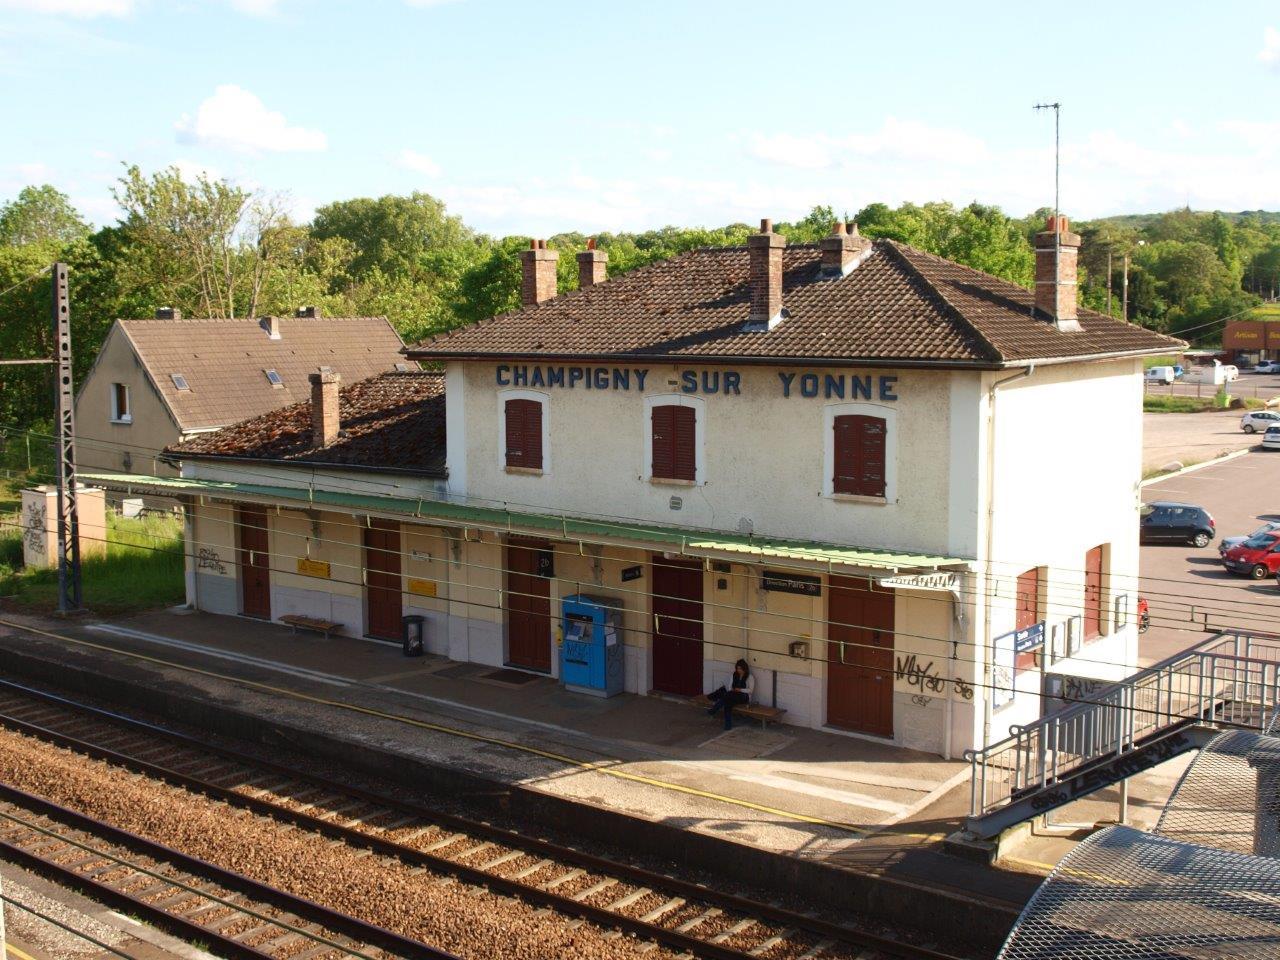 gare-de-champigny-sur-yonne-train-station